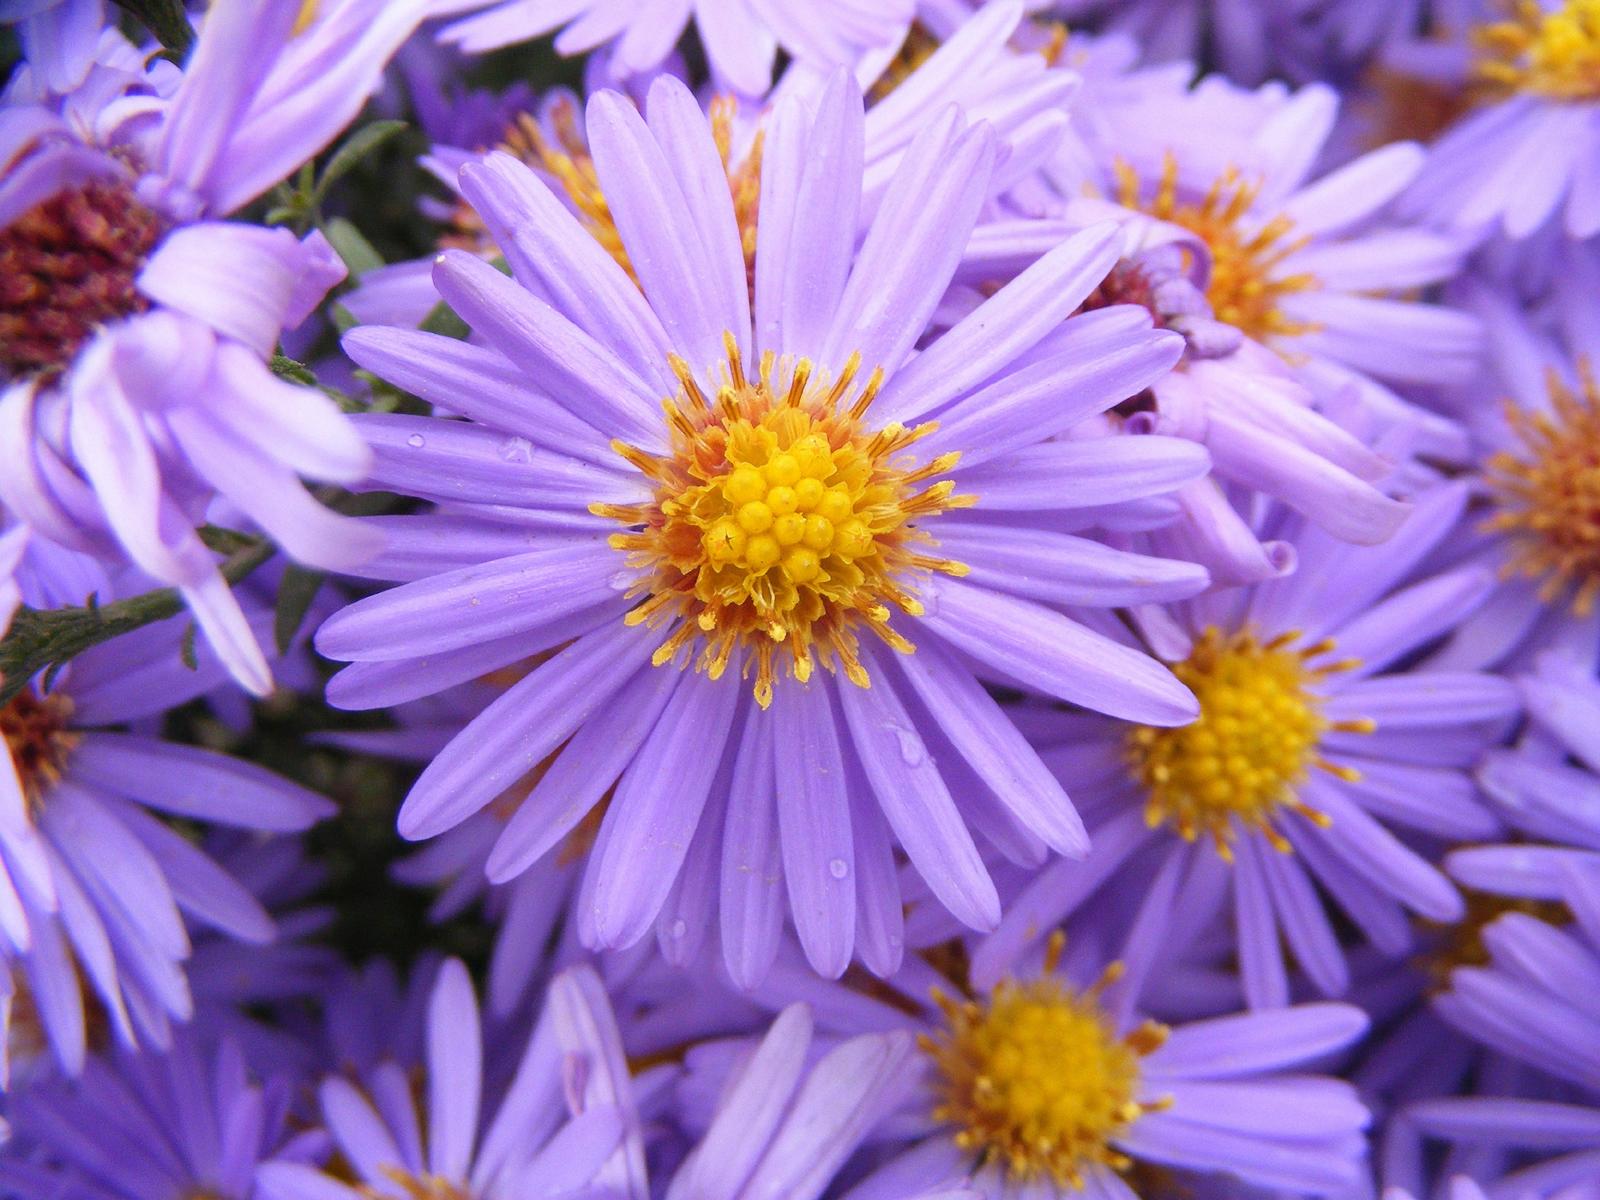 fiori freschi tutti i giorni - fiorista margherita a ceto, brescia